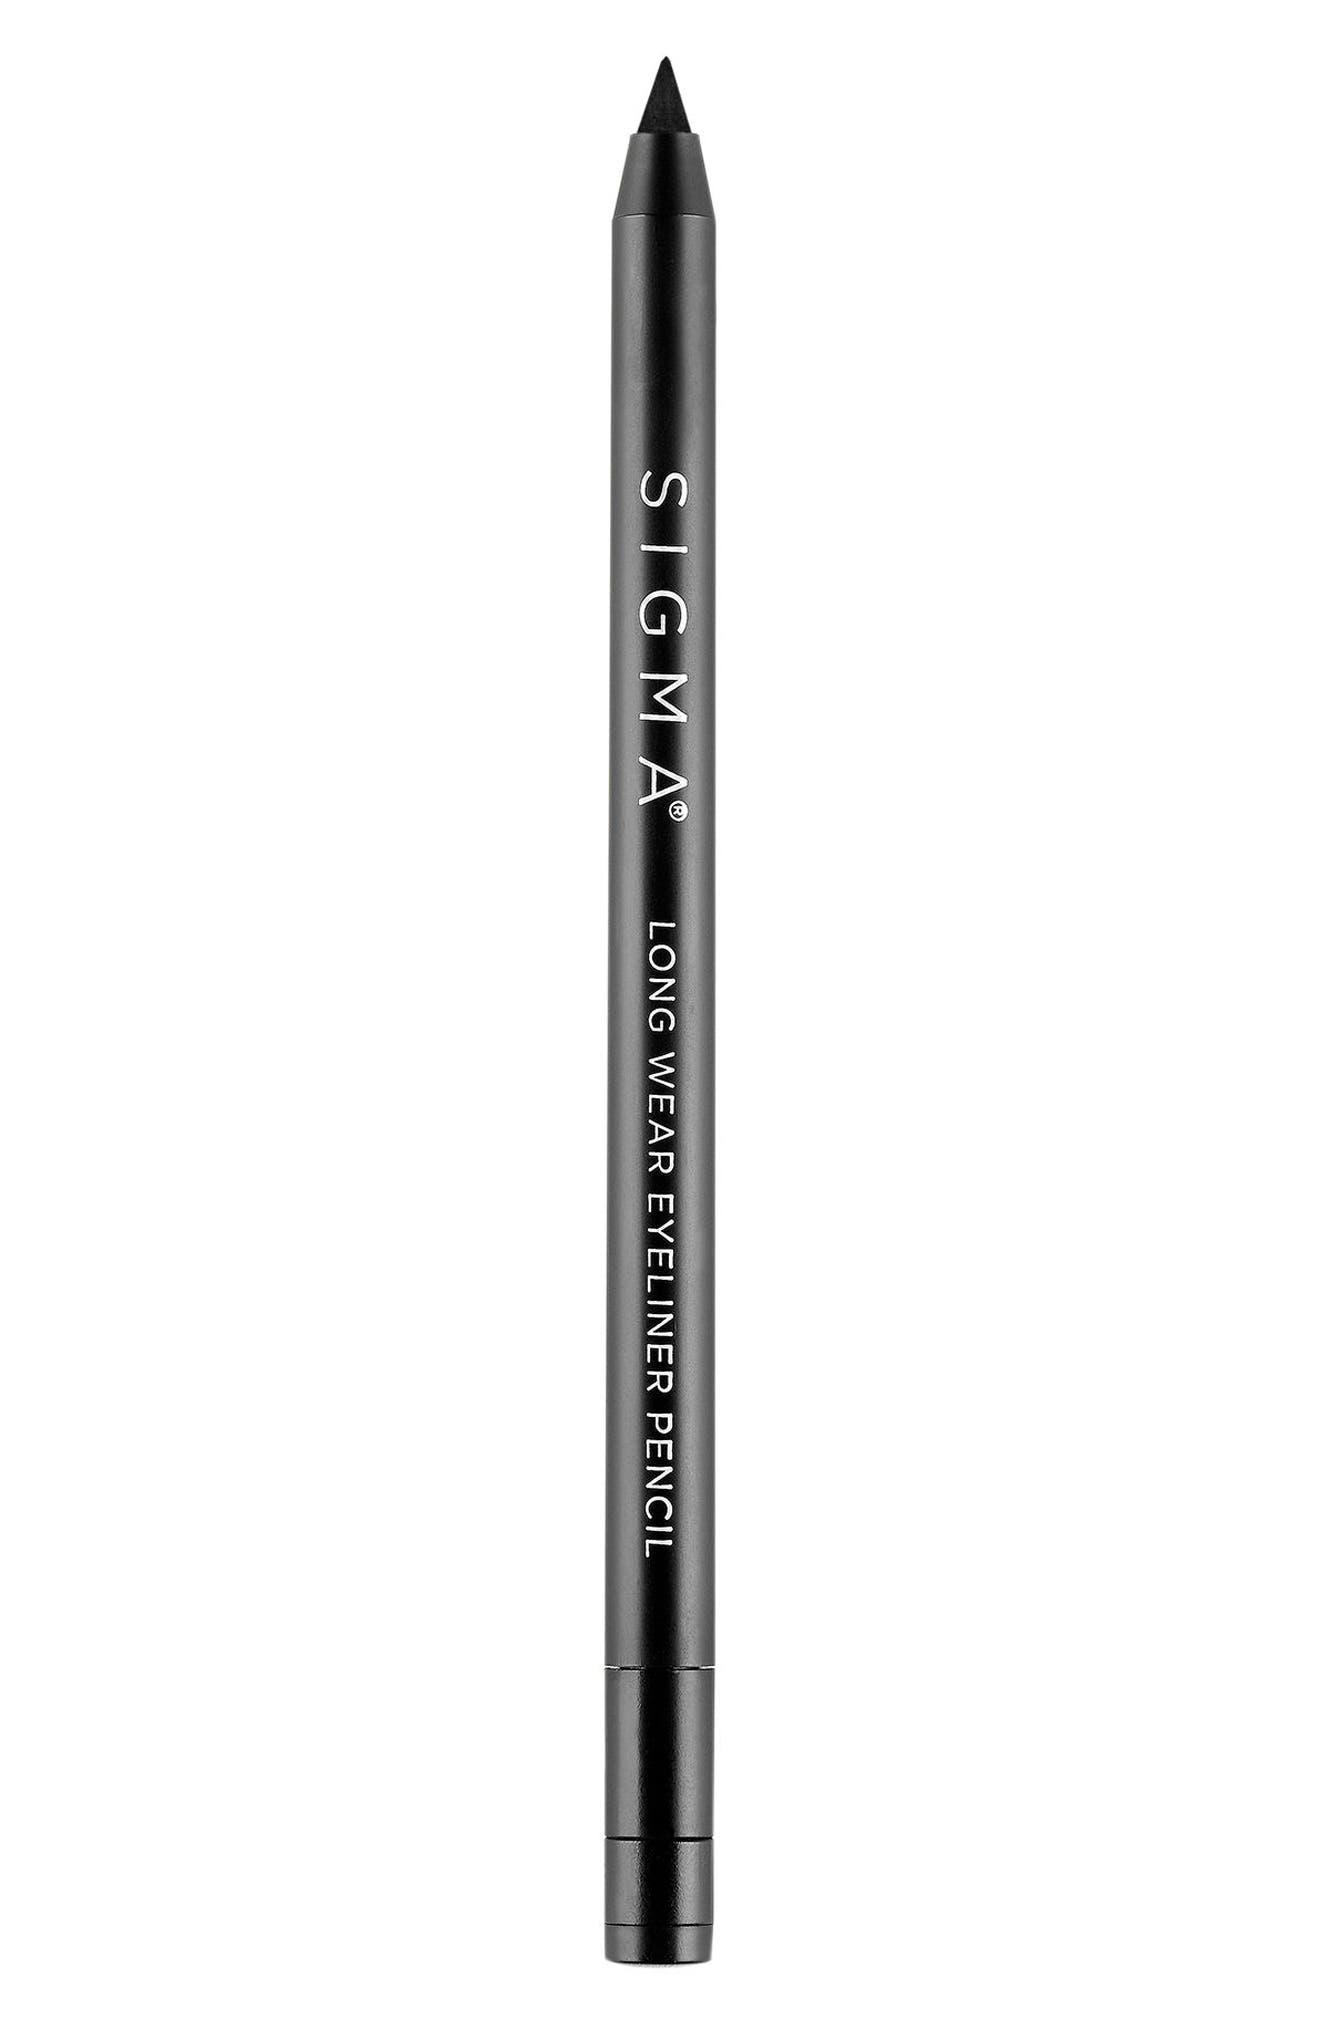 Sigma Beauty Wicked Long Wear Pencil Eyeliner